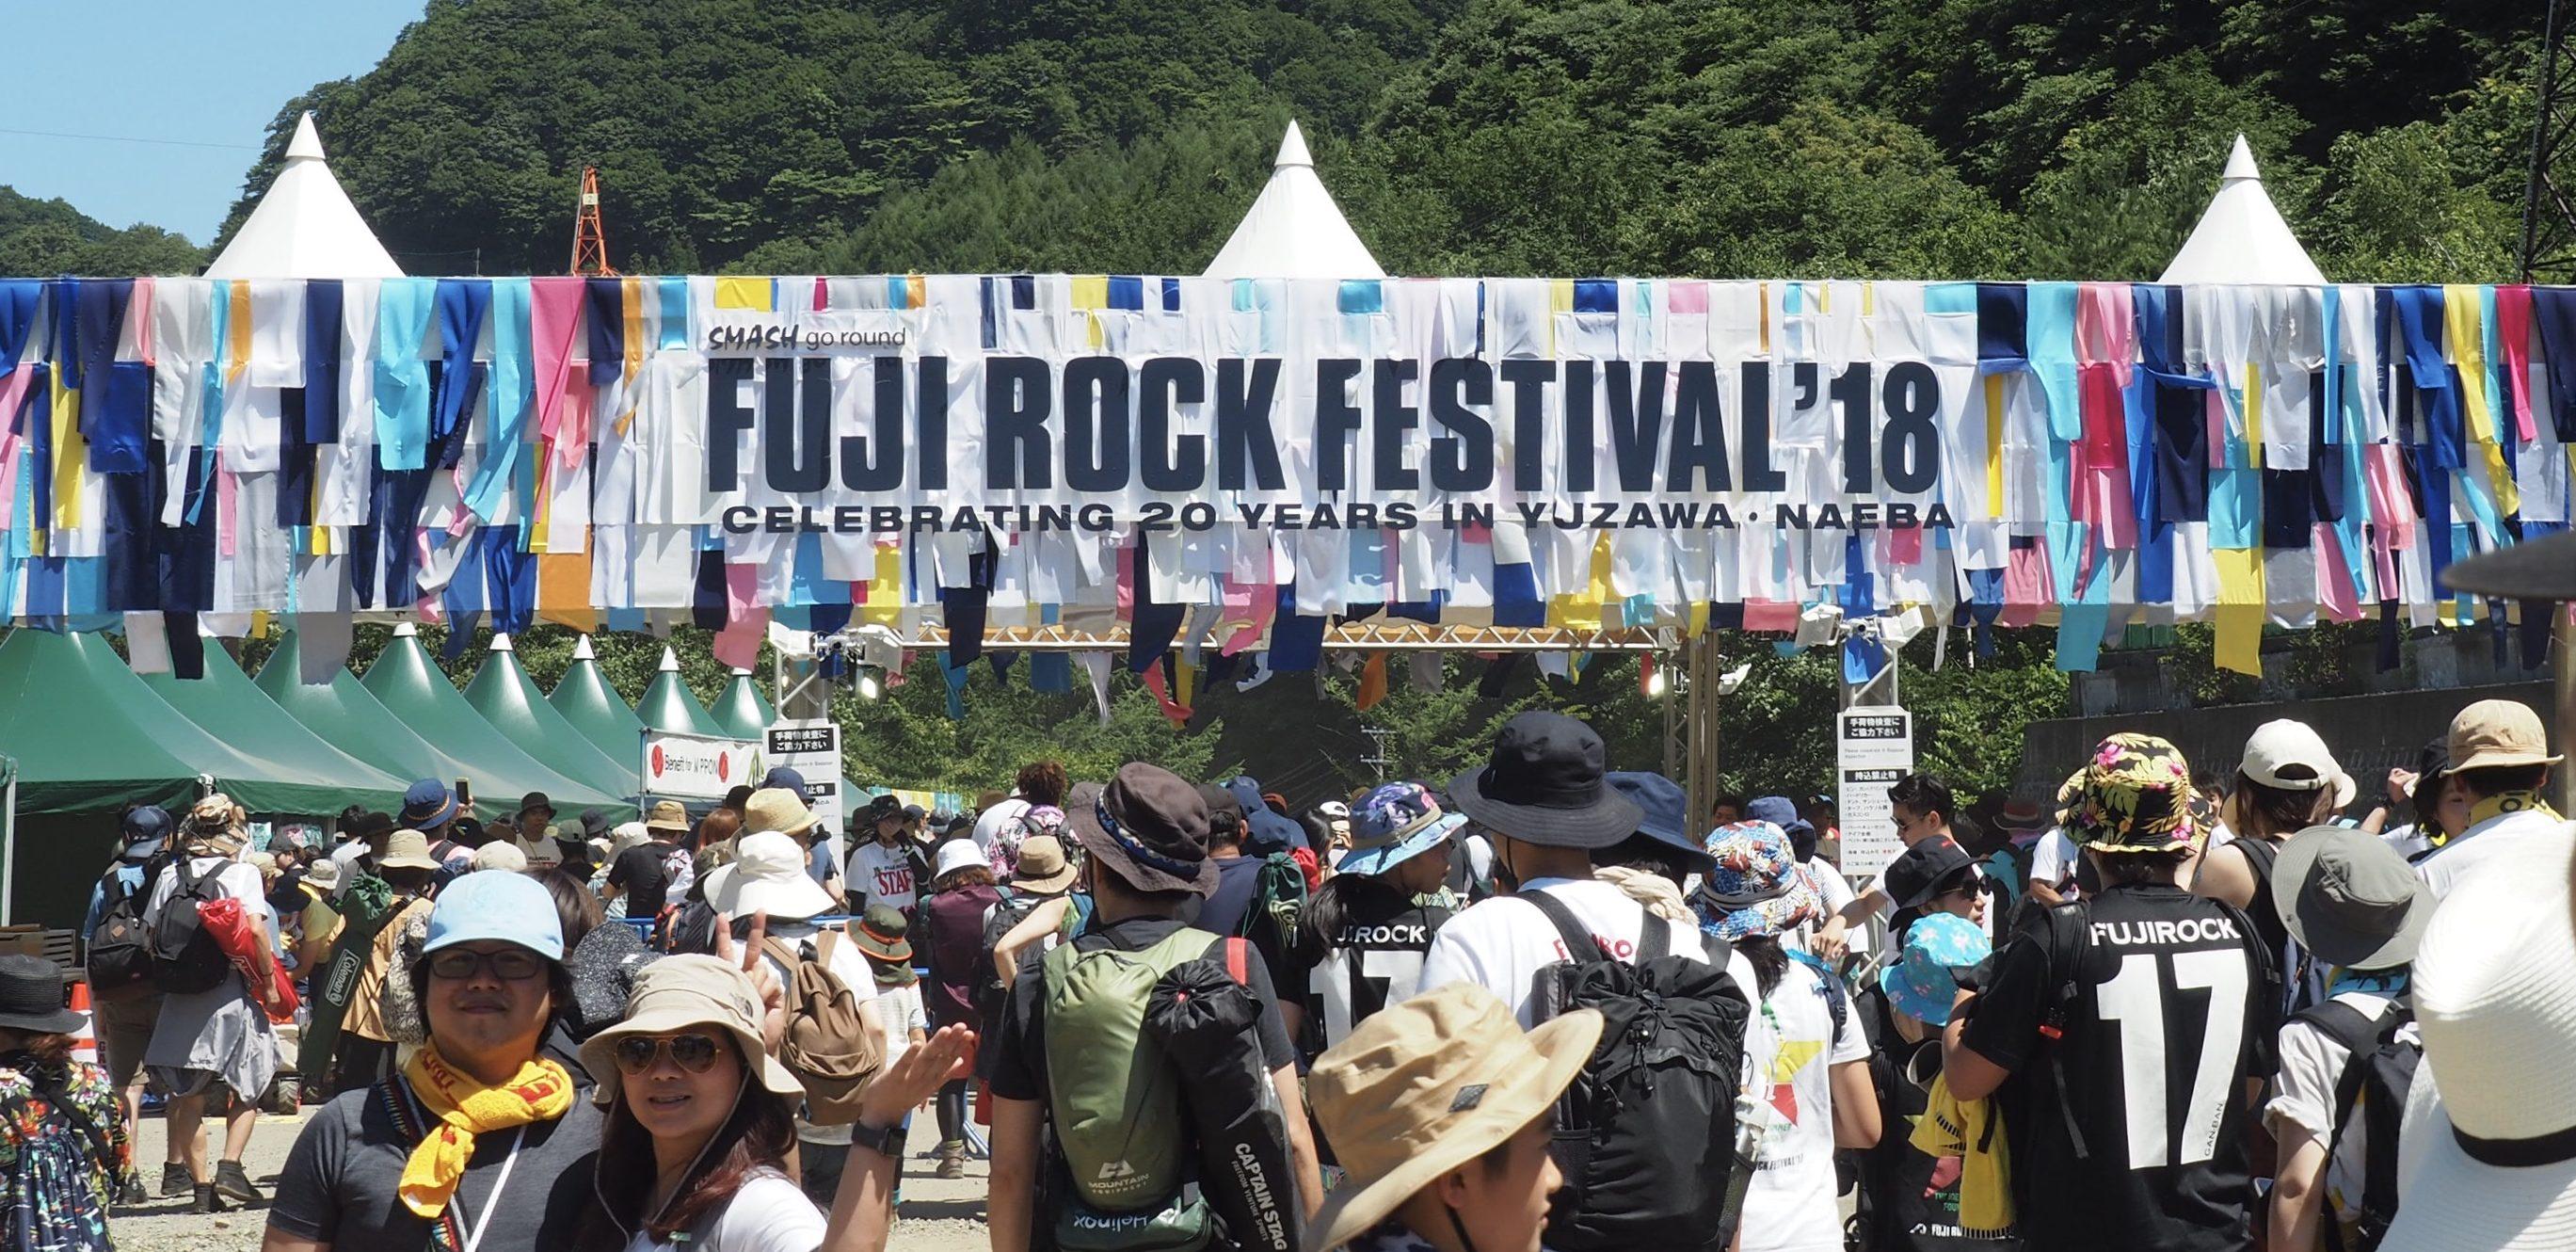 Fuji rock entrance